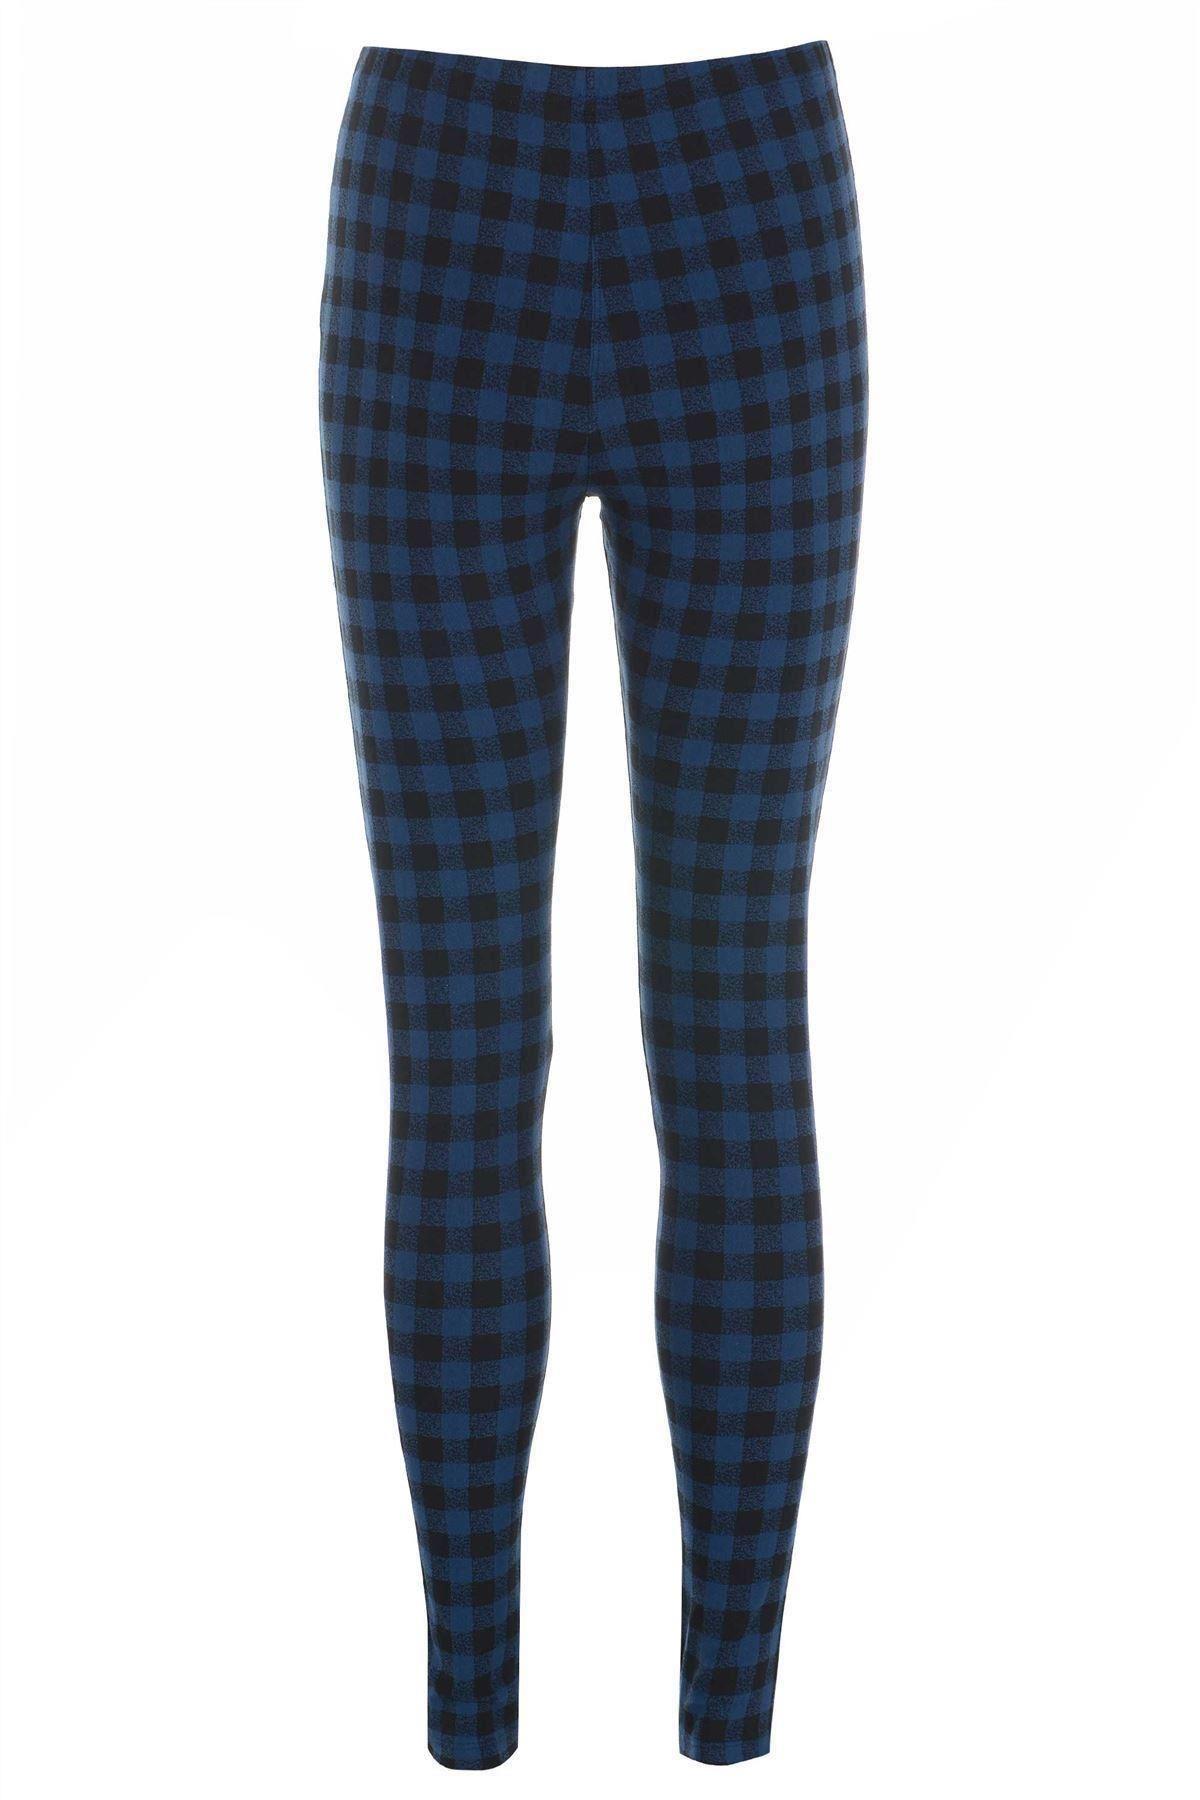 TOPSHOP Black / Blue Check/Plaid/Tartan Skinny Womenu0026#39;s Leggings   eBay